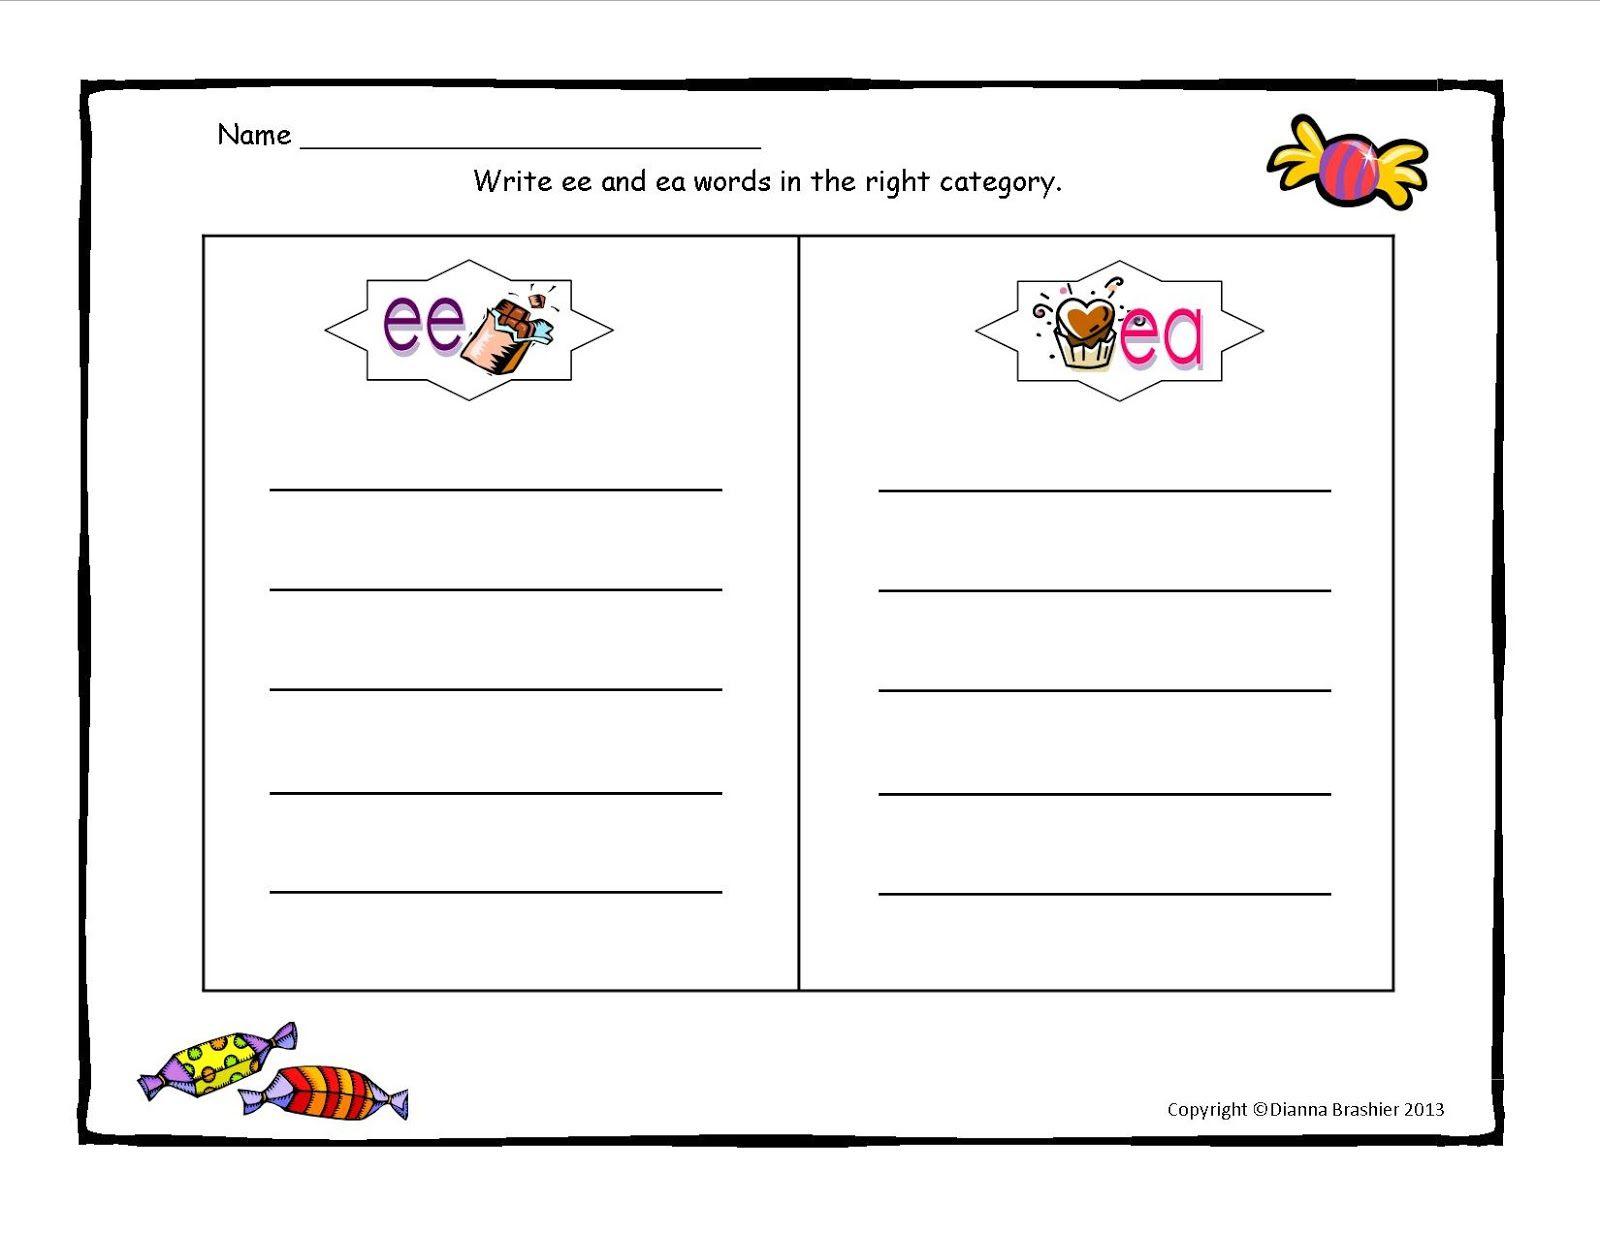 Blank Word Sort Template Teaching Spelling Word Work On